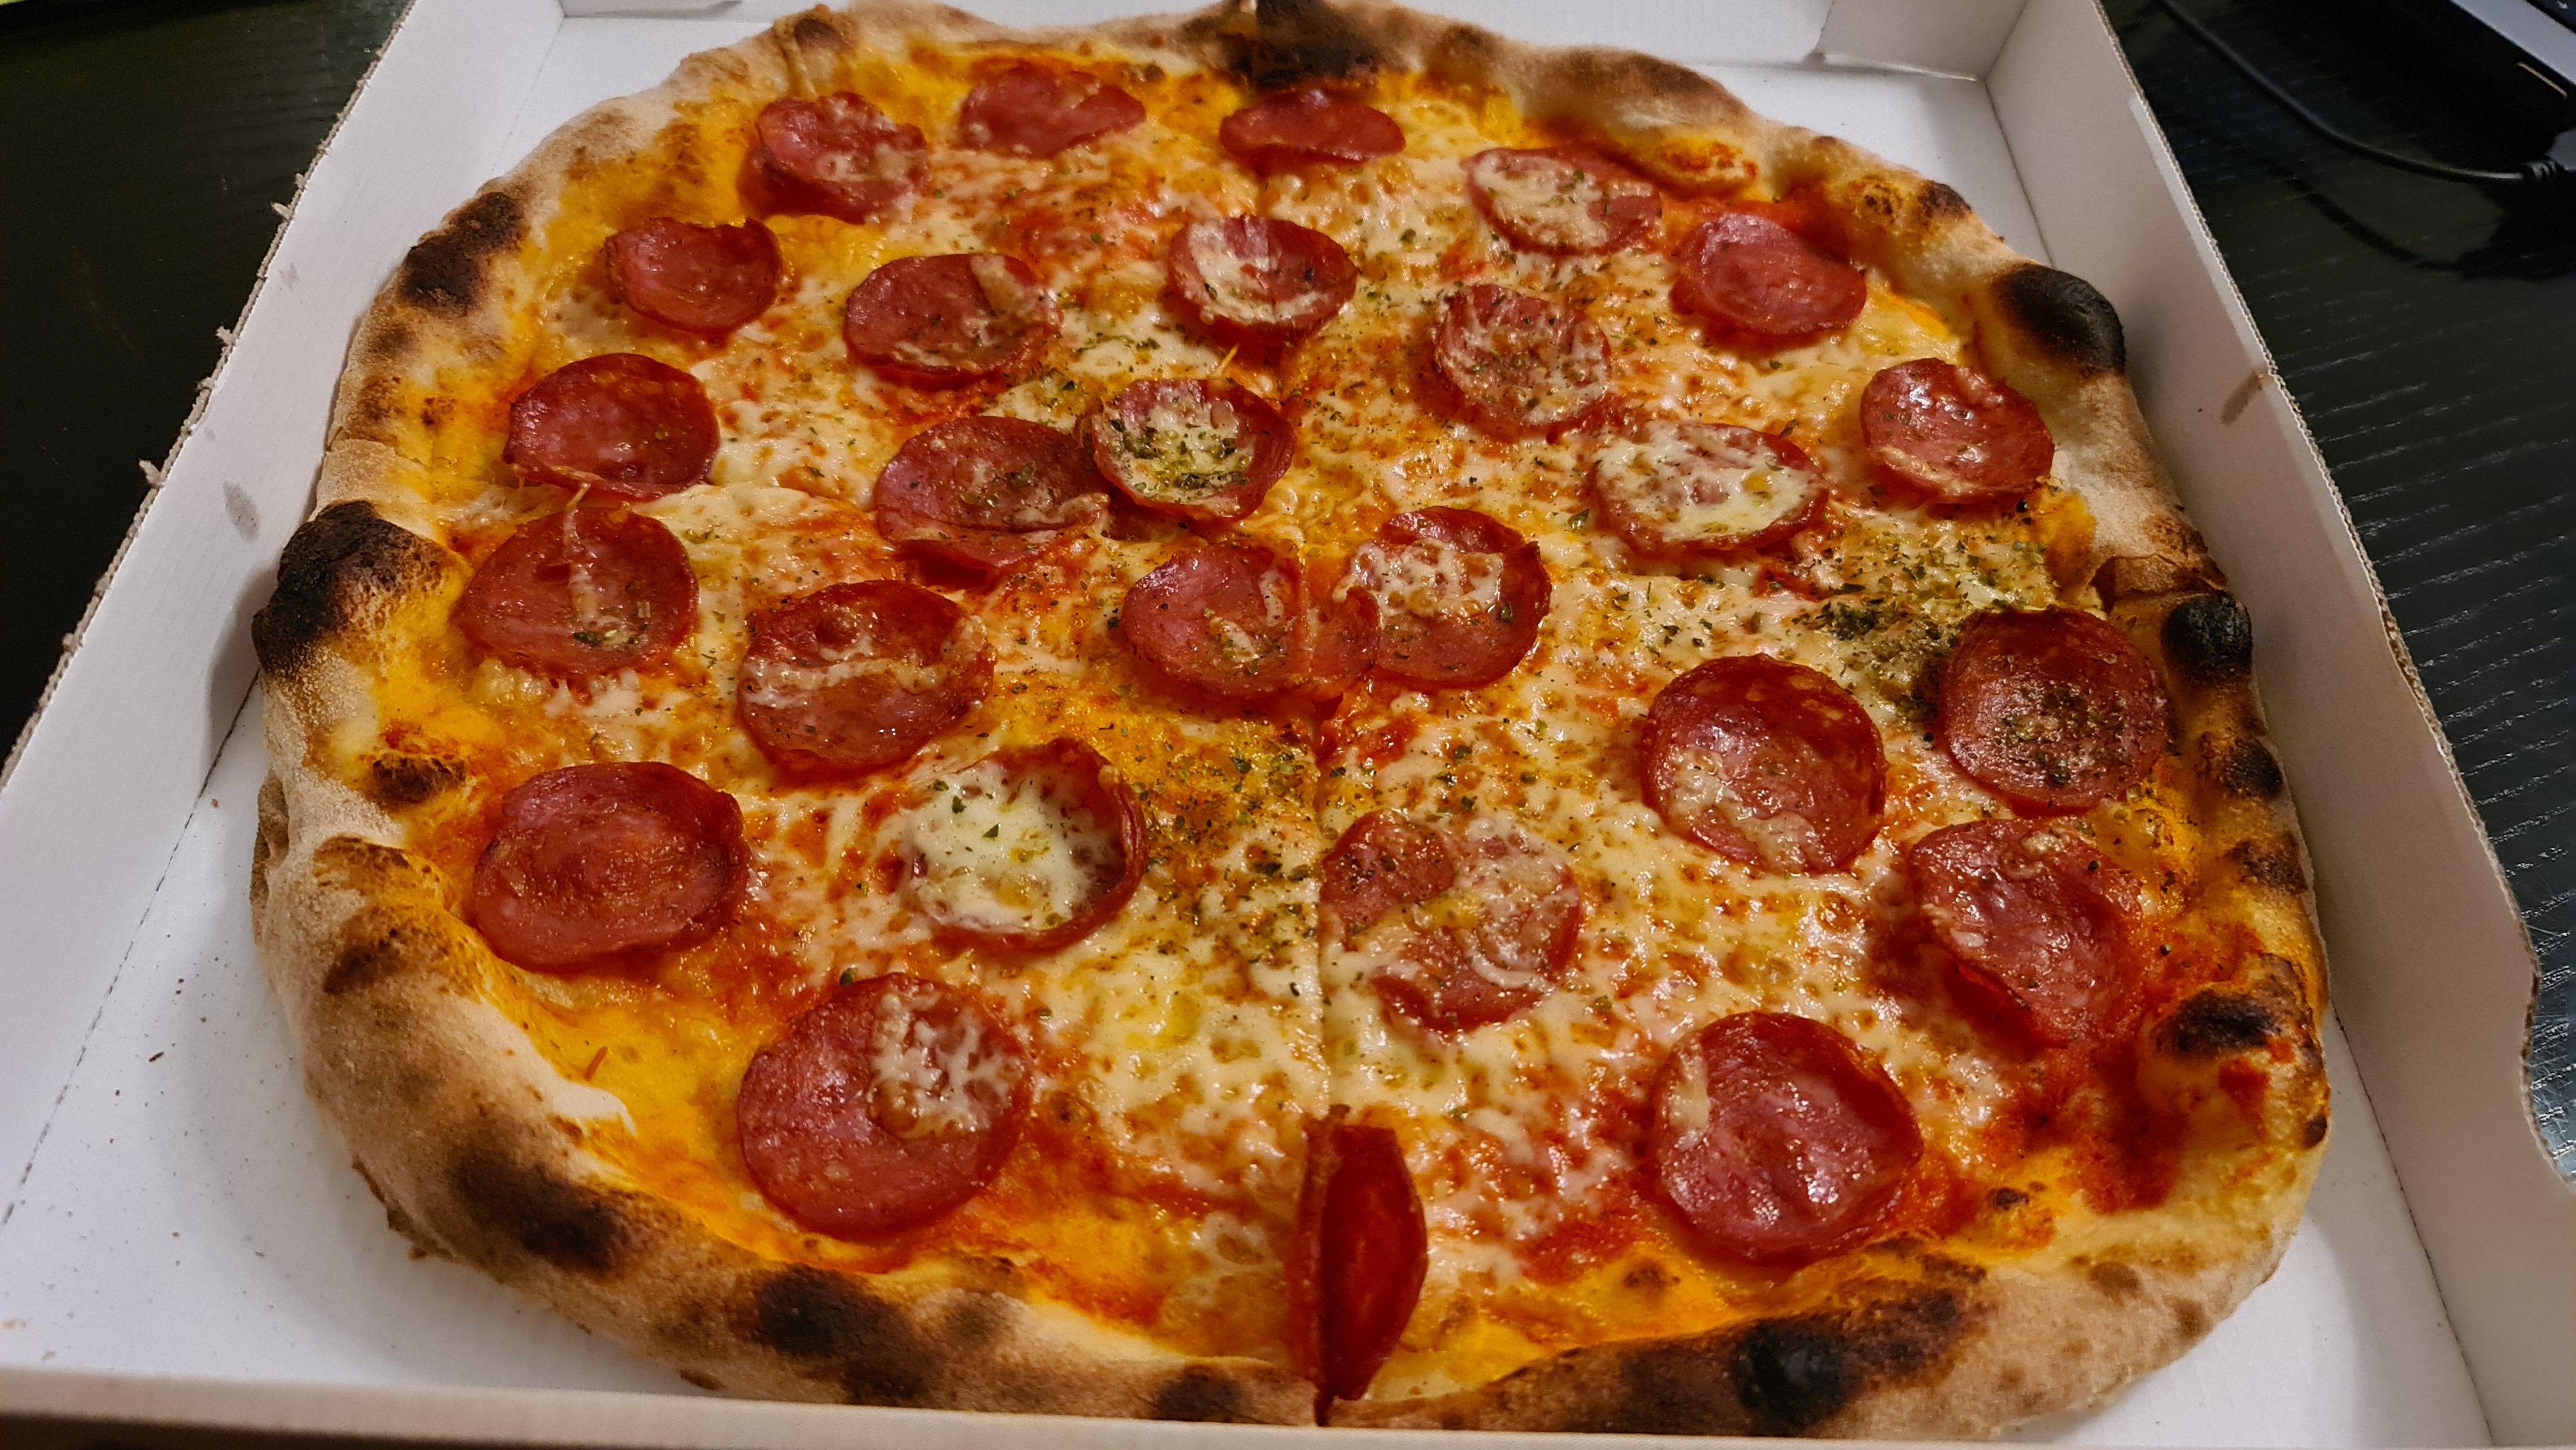 https://foodloader.net/Holz_2020-11-25_Pizza.jpg